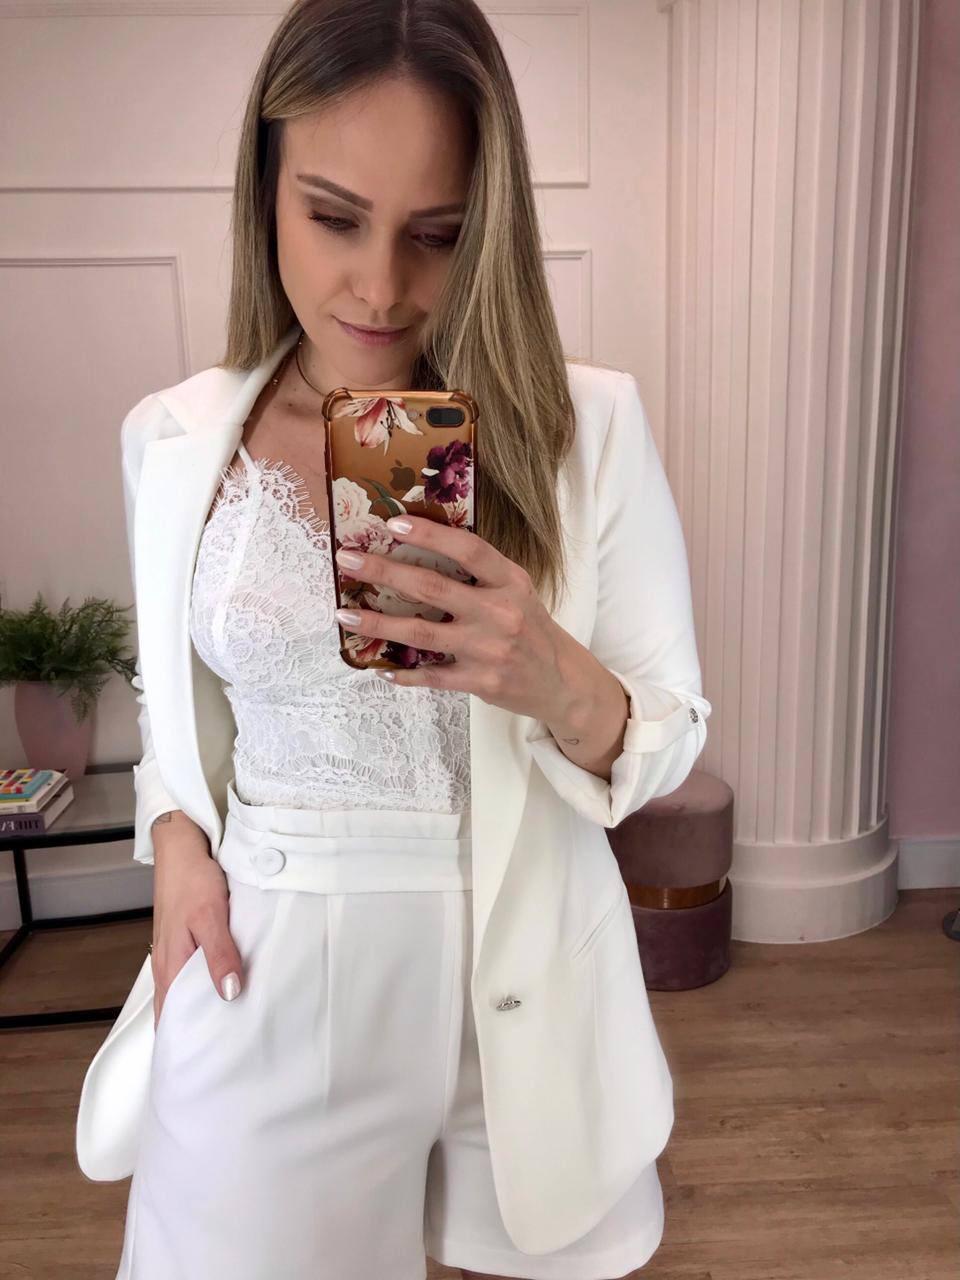 Shosts Liliane Alfaiataria 5% Elastano Clochard Cós Martingale Detalhe Bolsos Laterais Botões Fake